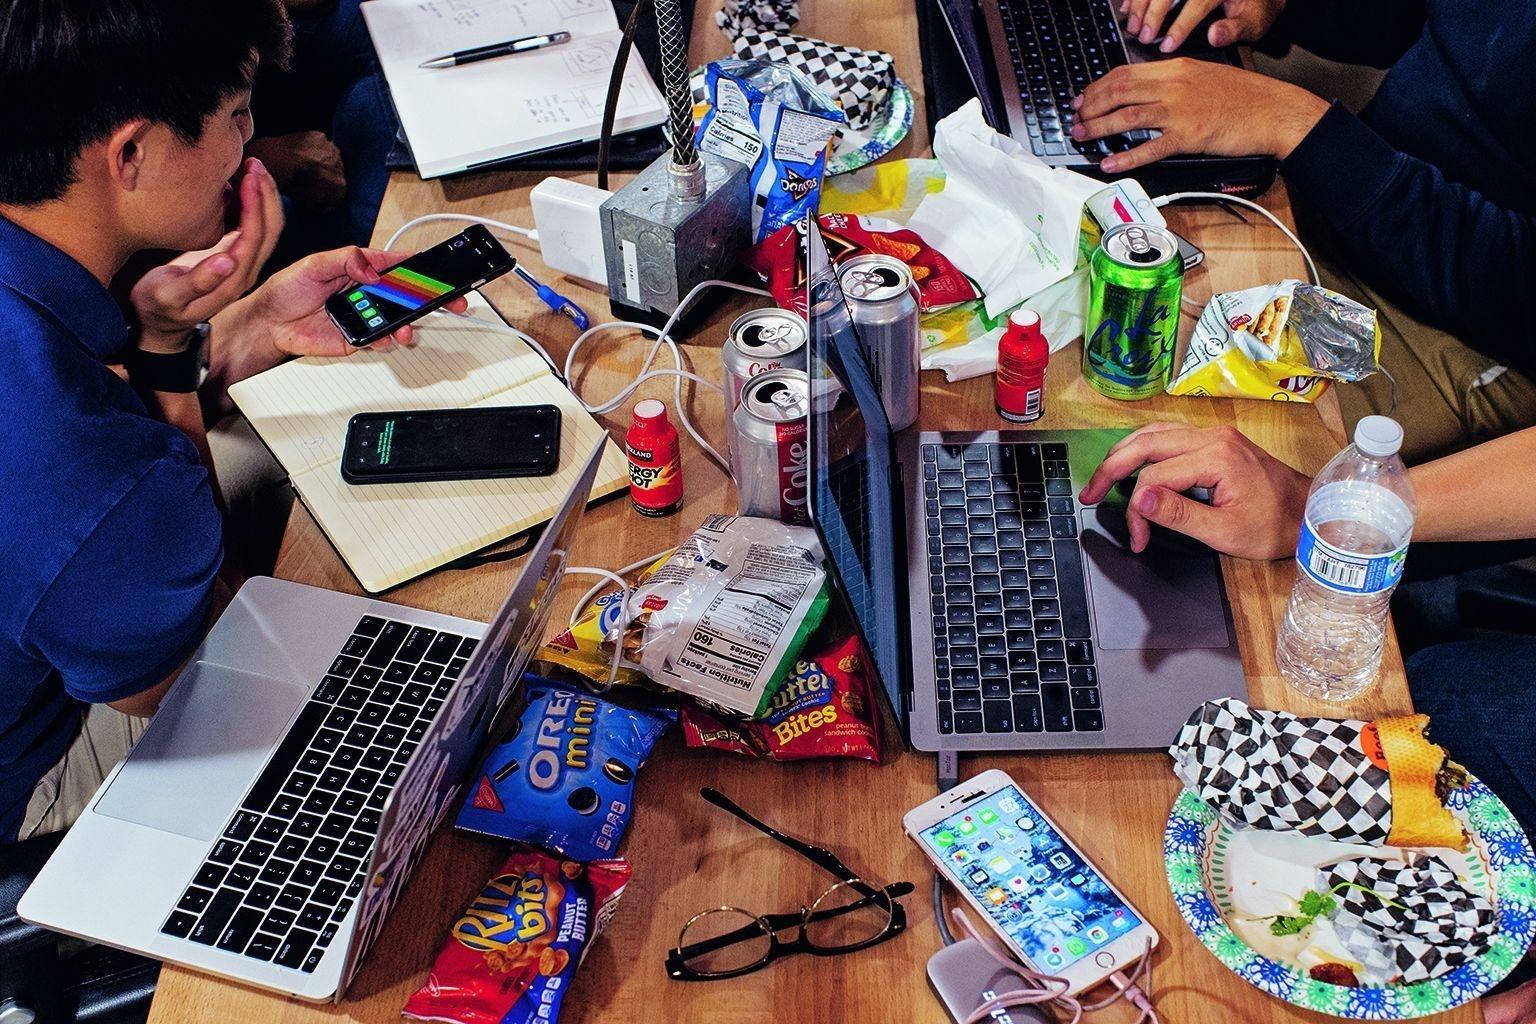 來自新加坡南洋理工大學的學生在聖克拉拉舉行的一場黑客松中靠著零食、能量飲料和健怡汽水提神,設計一款攝影用的擴增實境應用程式。攝影: 勞拉.莫頓ᅠLAURA MORTON